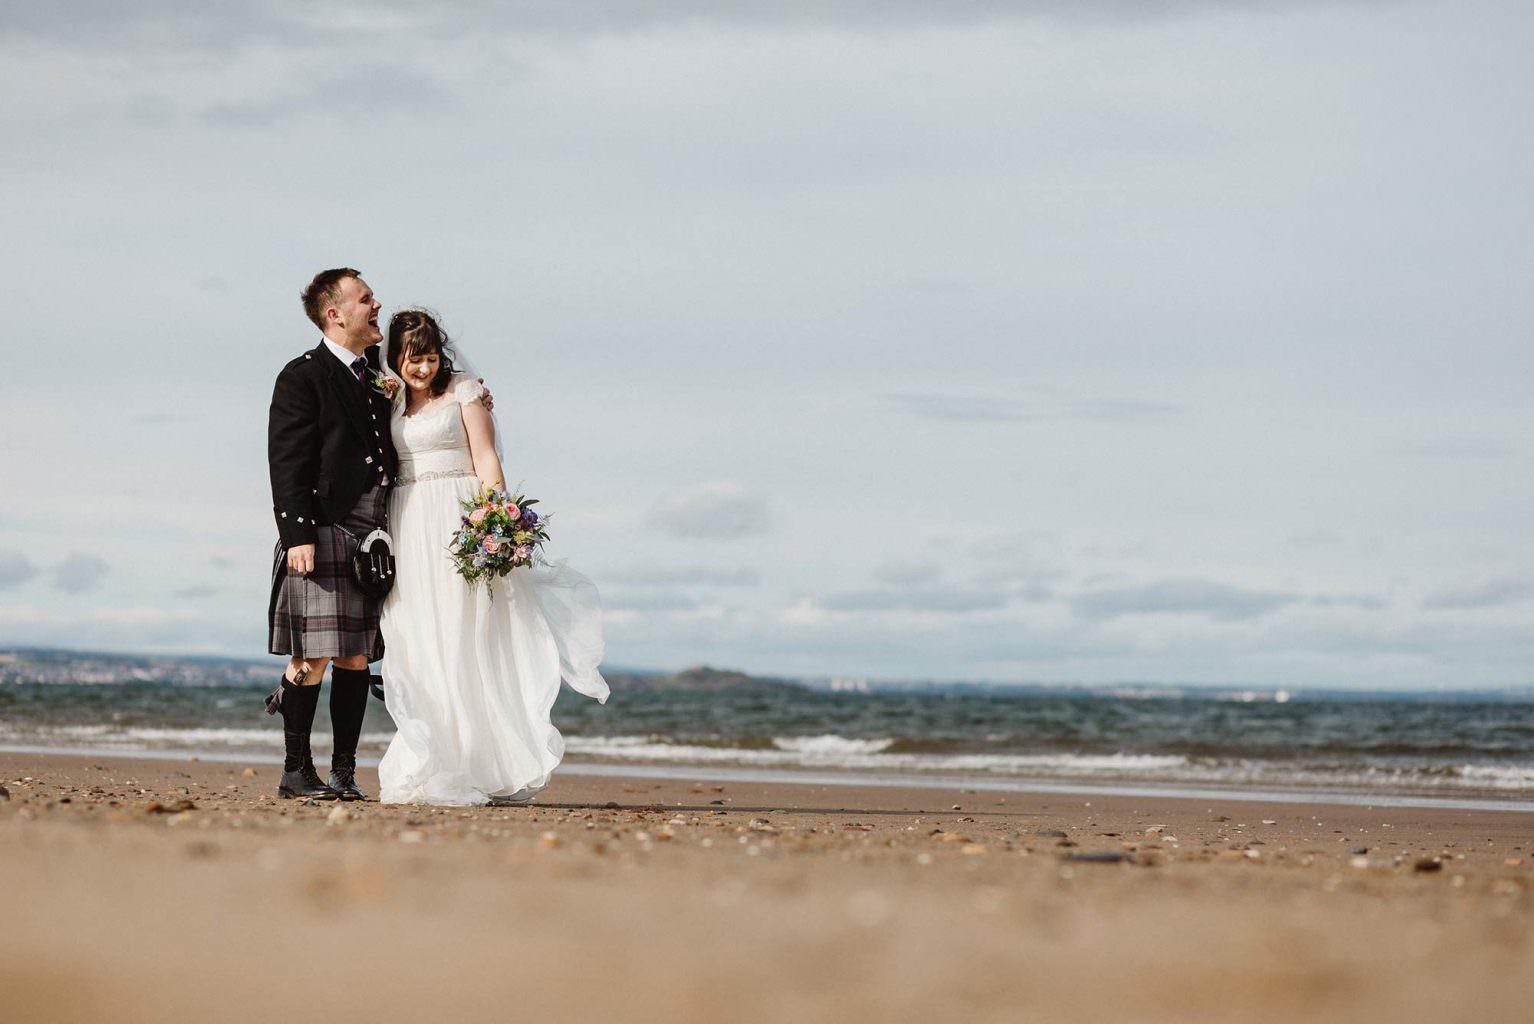 cretive wedding photographer nottingham